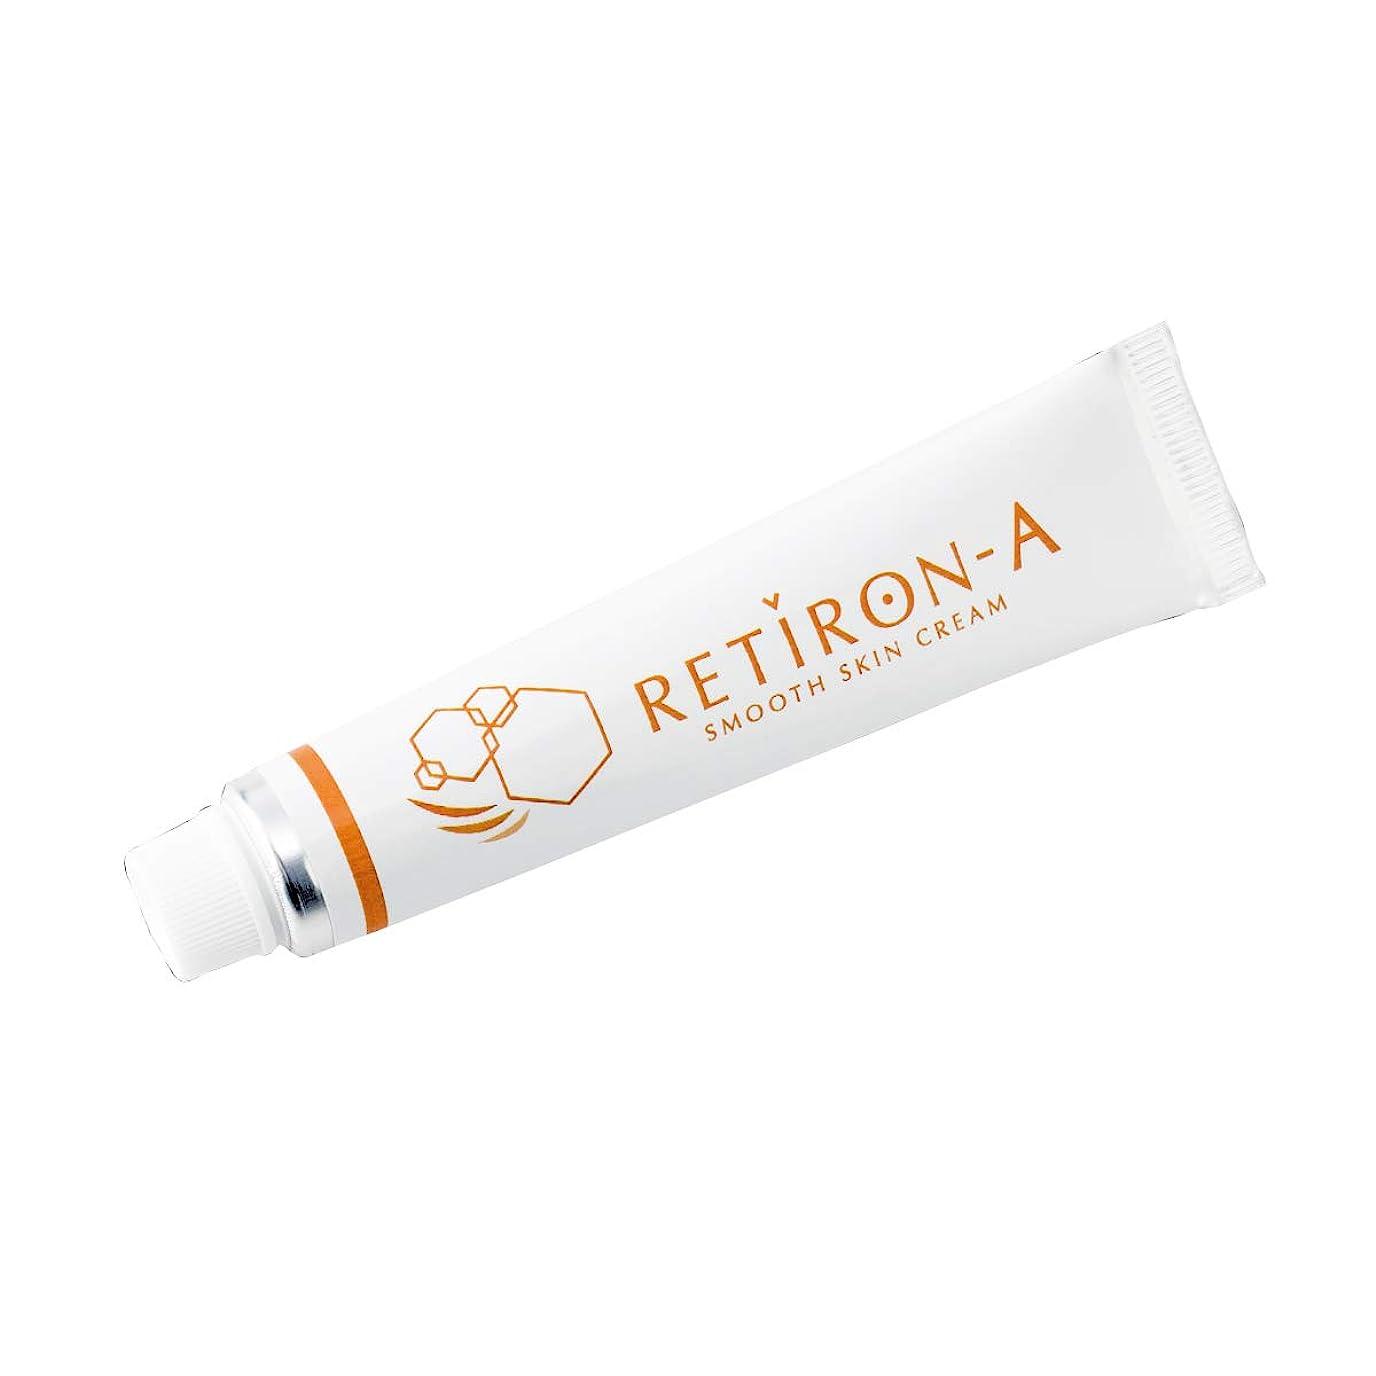 緊急ベアリング設計クリーム 化粧品 レチノール配合 レチロンA パラベンフリー